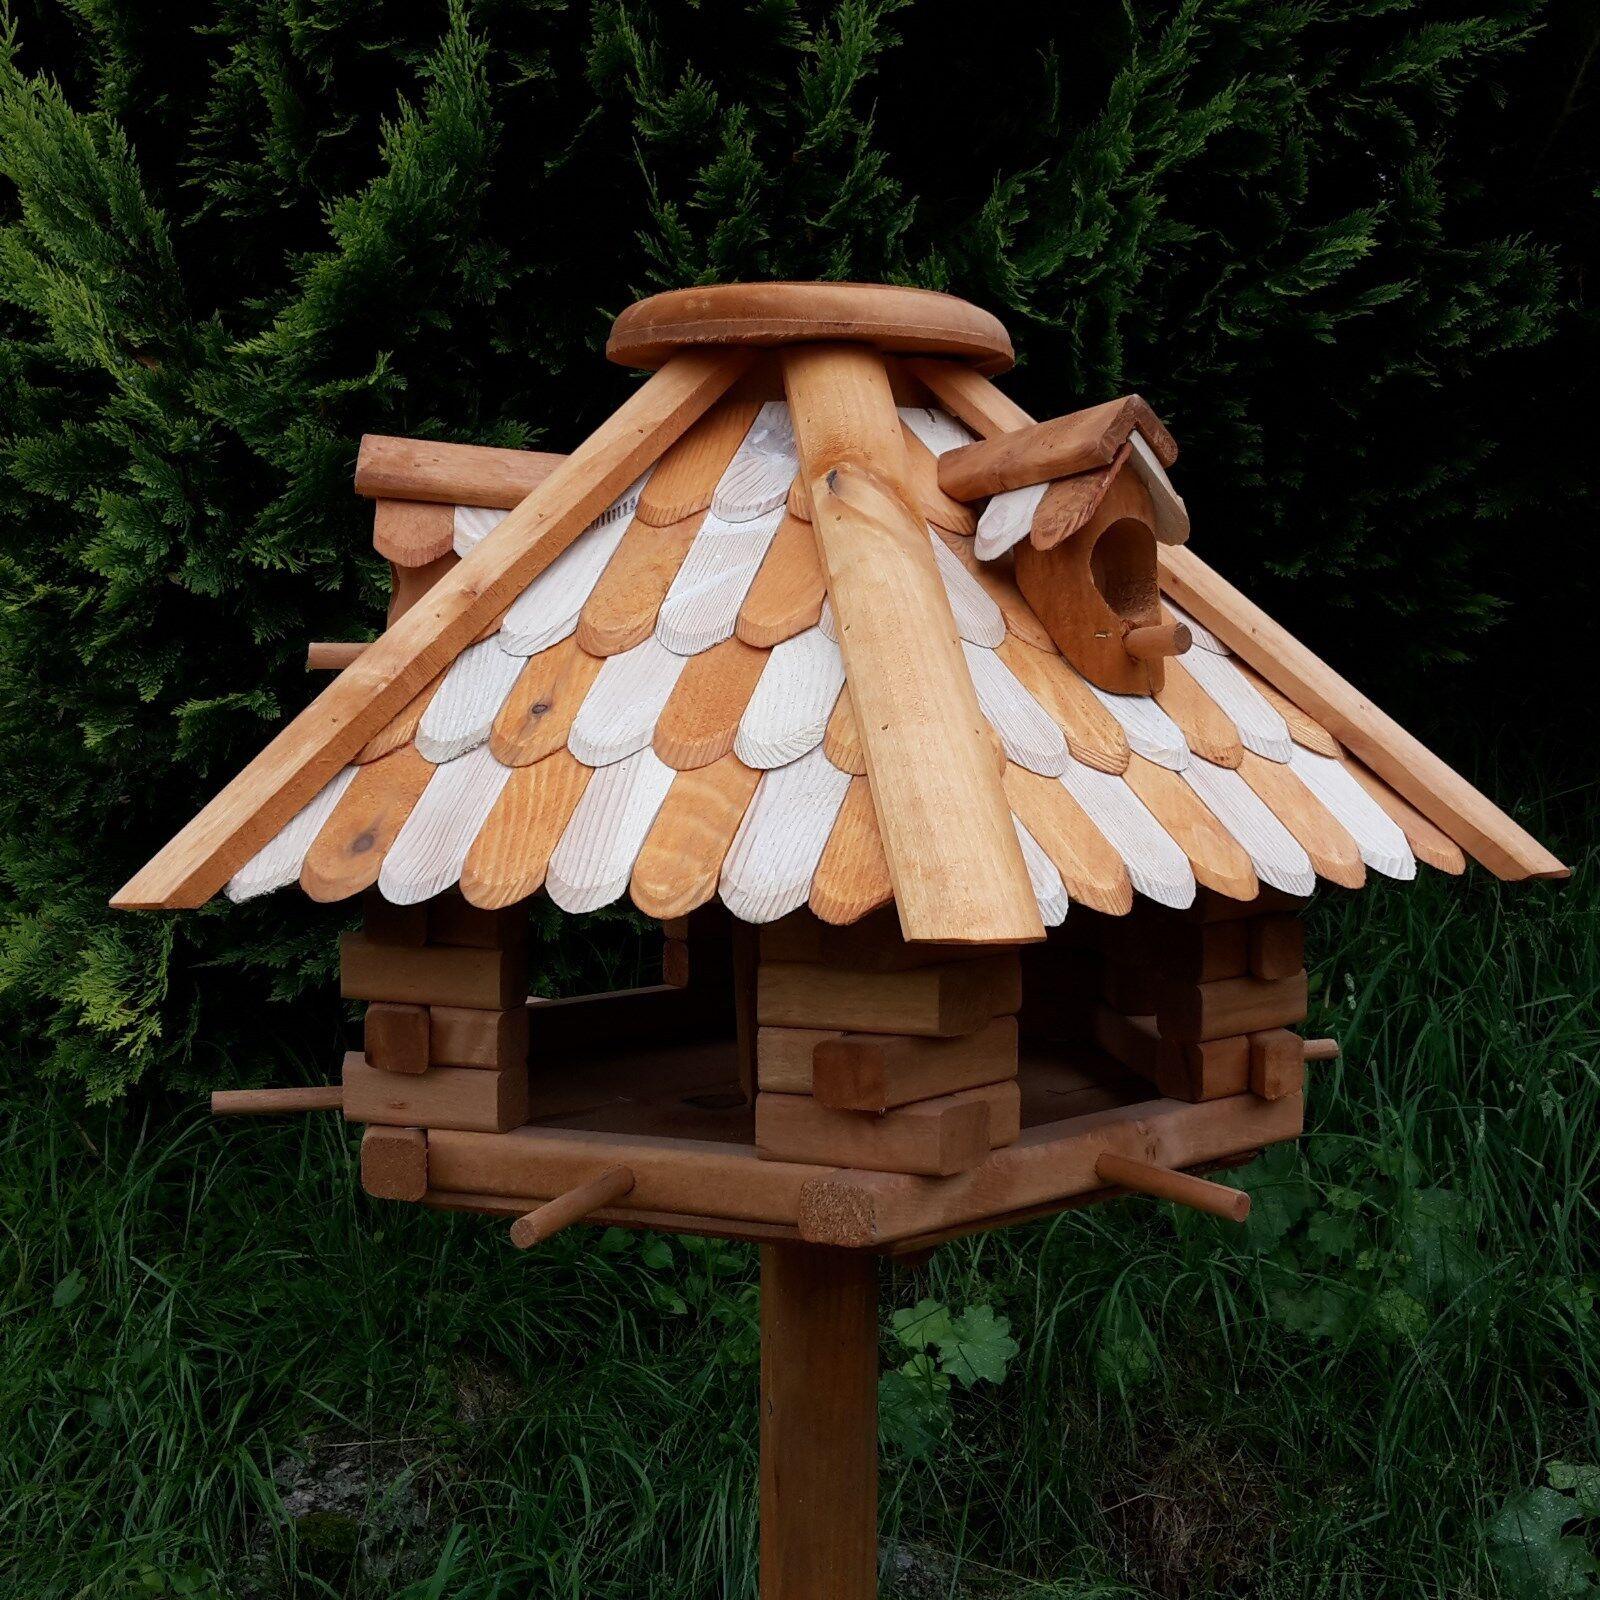 Großes Luxus Vogelhaus Top-Qualität XXL Holz Vogelfutterhaus Vogelhäuschen NN | Reichlich Und Pünktliche Lieferung  | Vorzugspreis  | Spielzeugwelt, spielen Sie Ihre eigene Welt